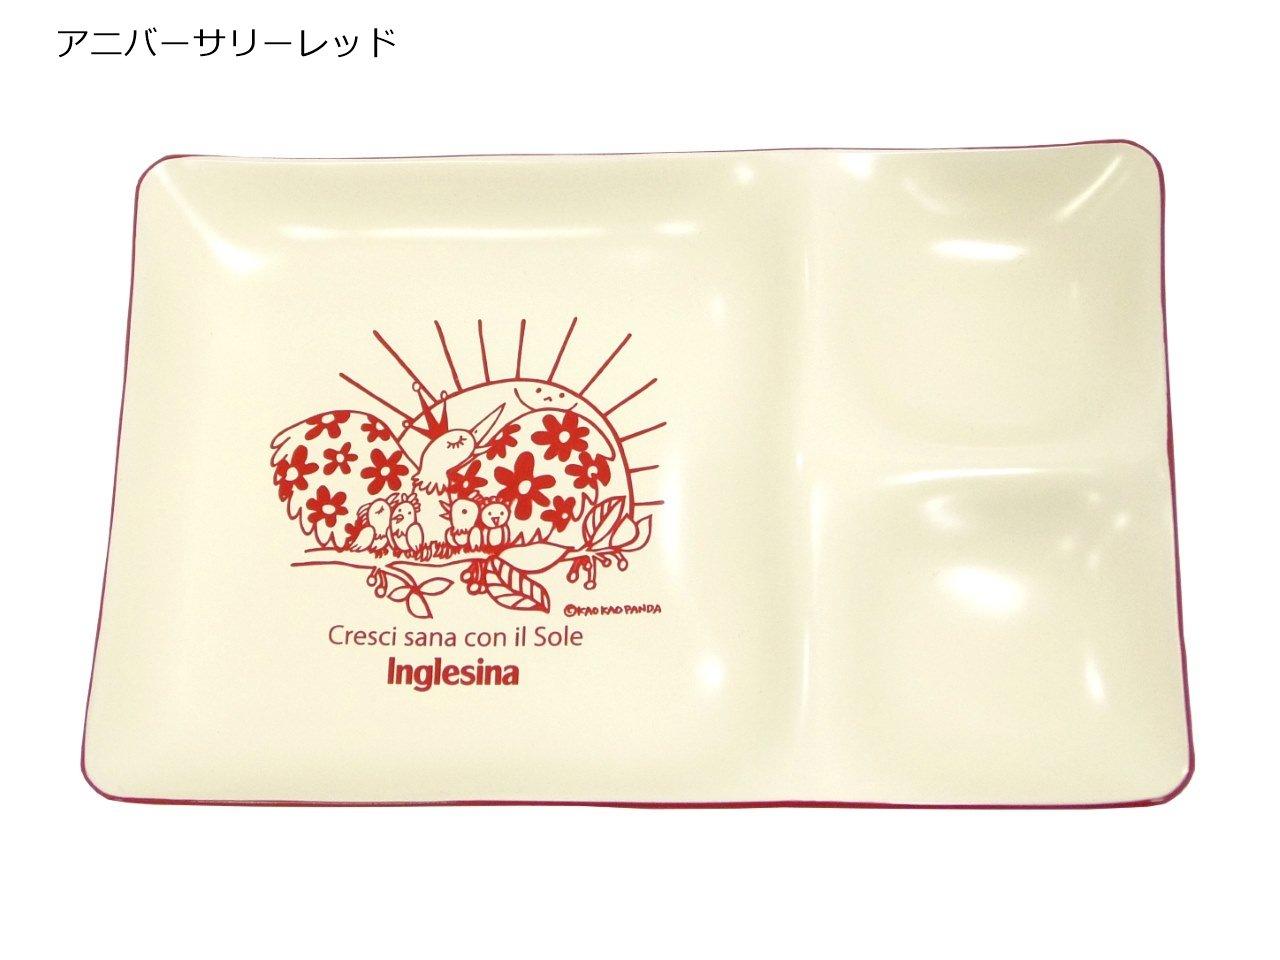 イングリッシーナ ファスト アートプレート【最短翌日発送】